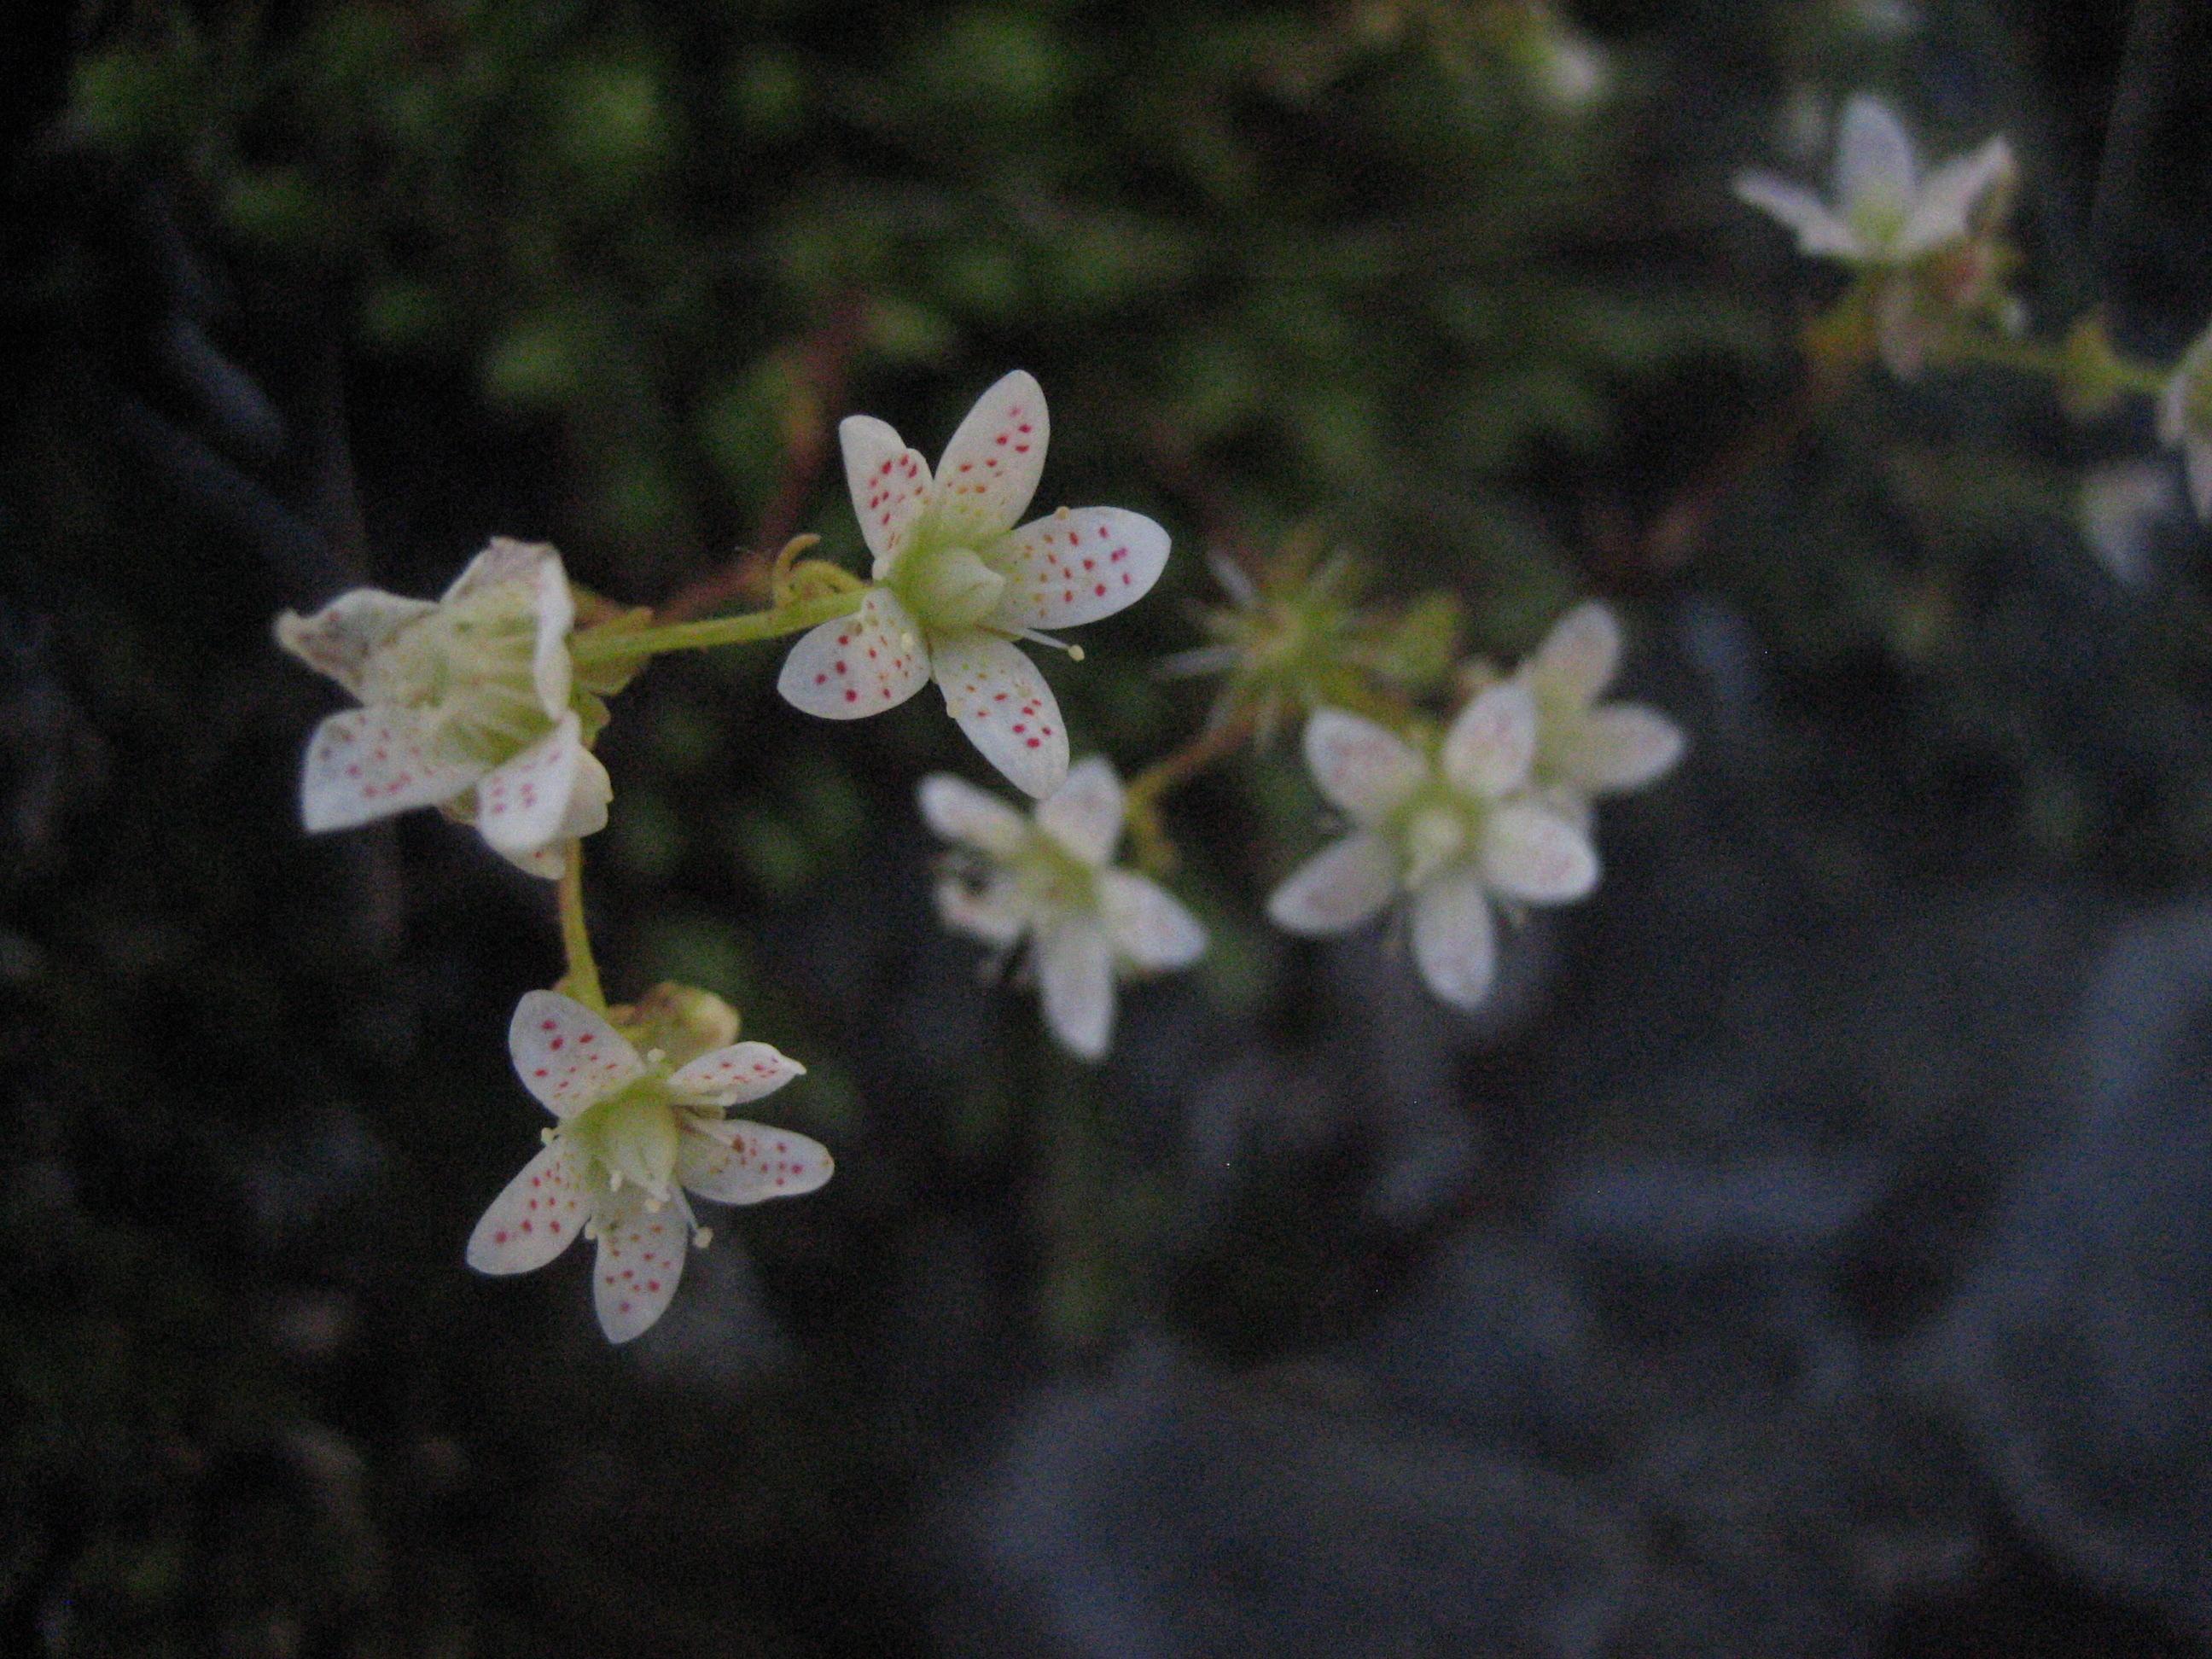 Image of yellowdot saxifrage